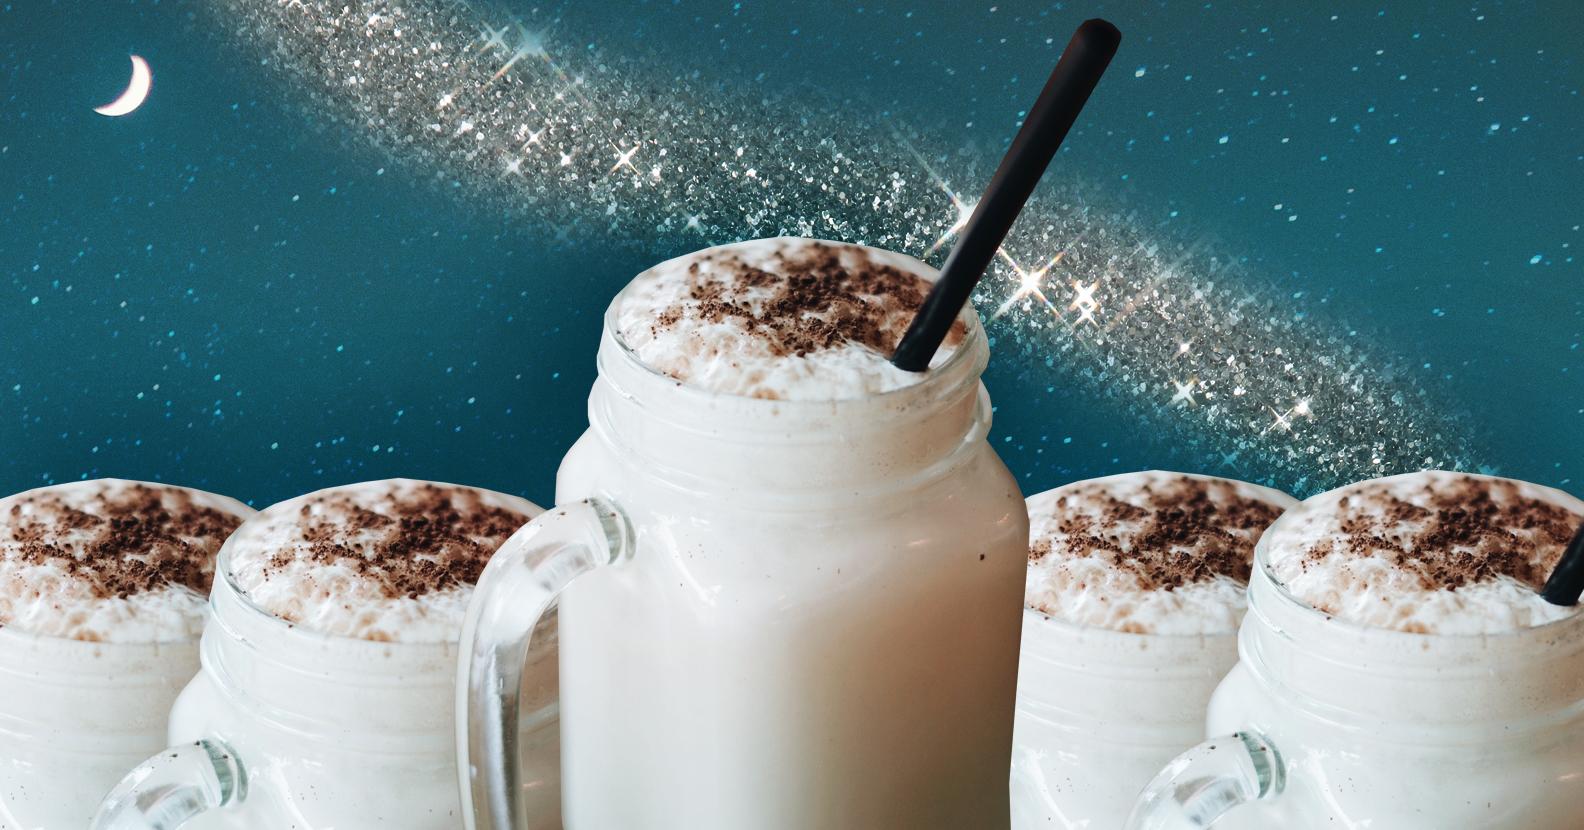 Il moon milk sarebbe il nuovo rimedio contro l'insonnia. Parliamone